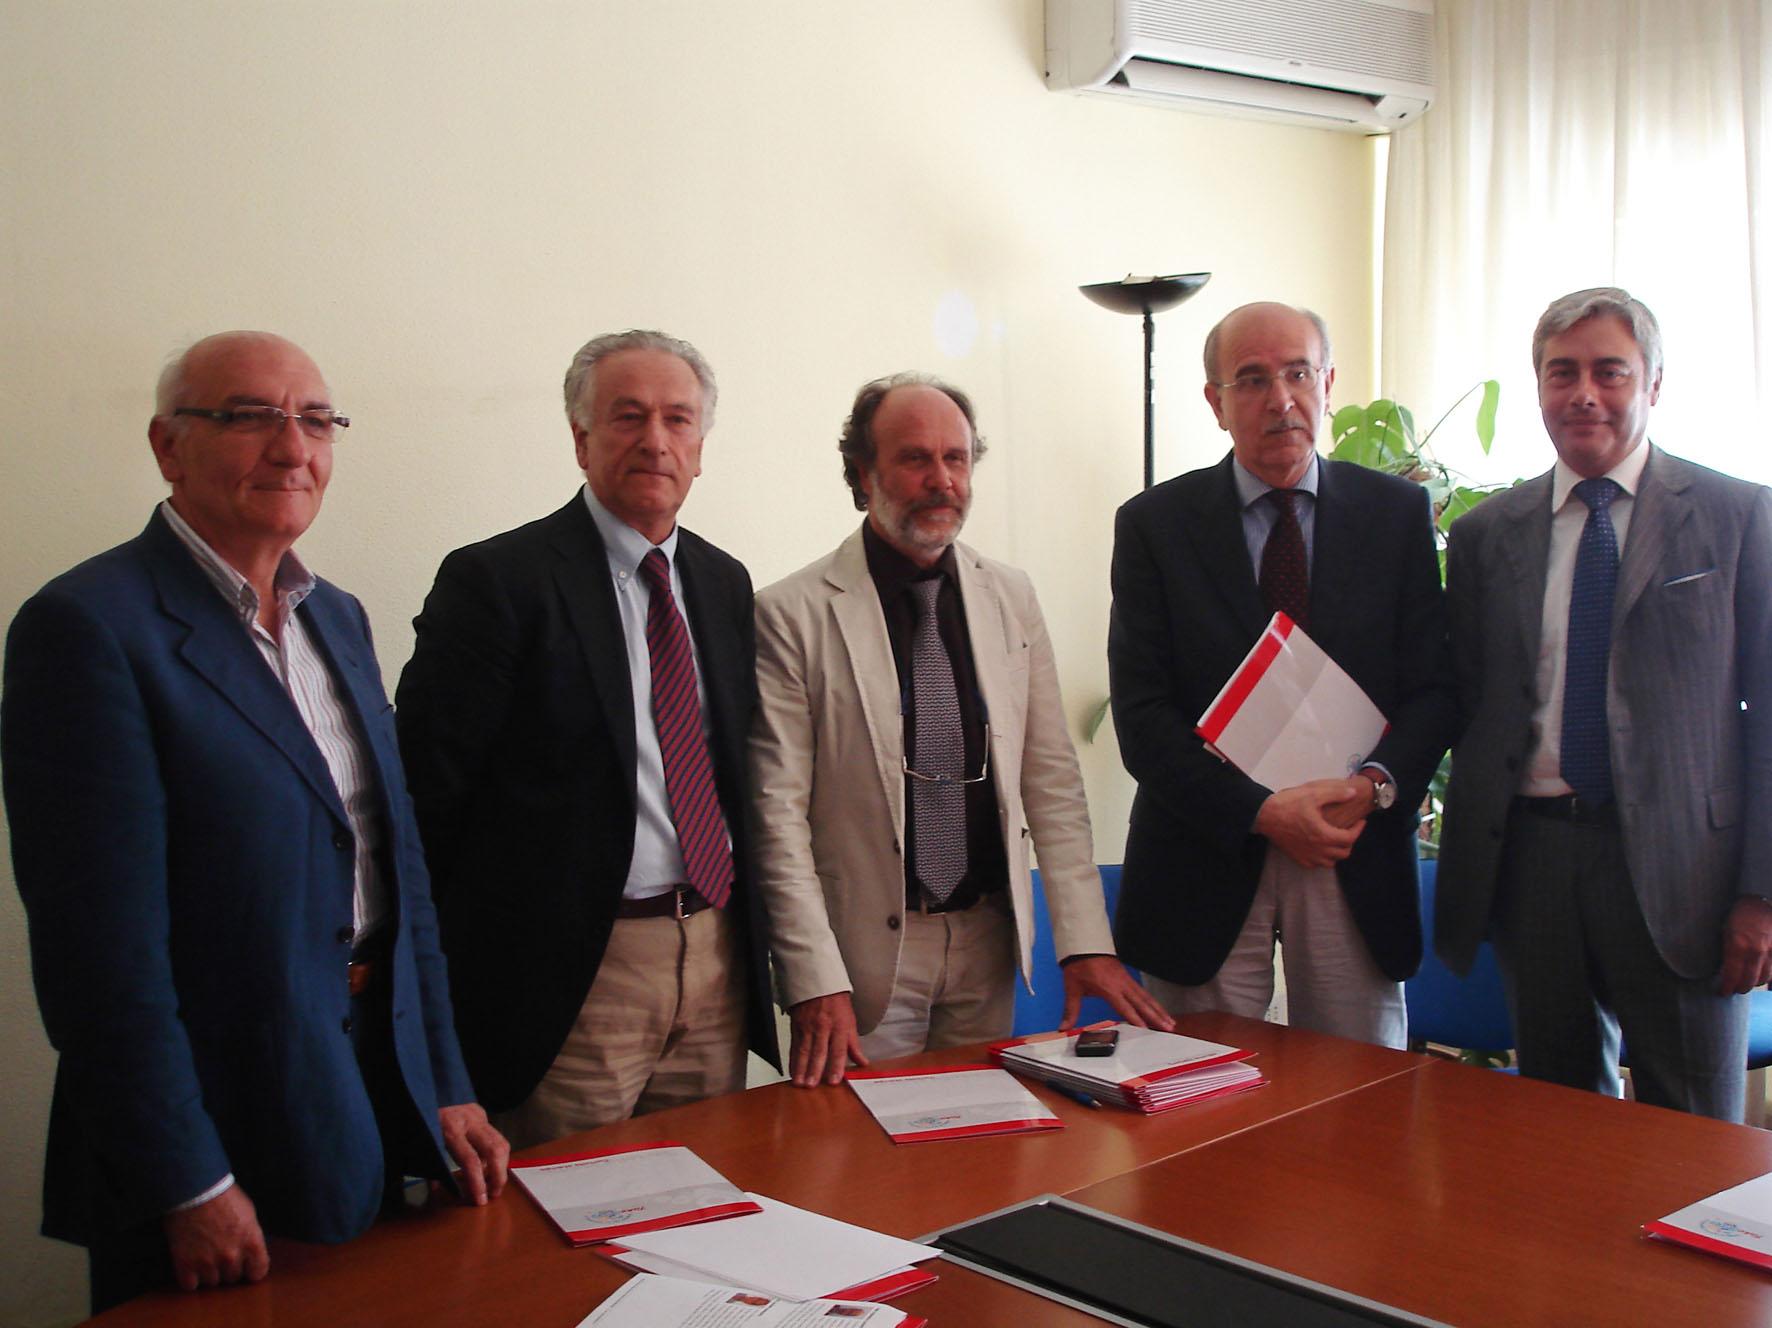 Annunciato oggi a Palermo un progetto pilota per la gestione integrata del paziente diabetico in Sicilia